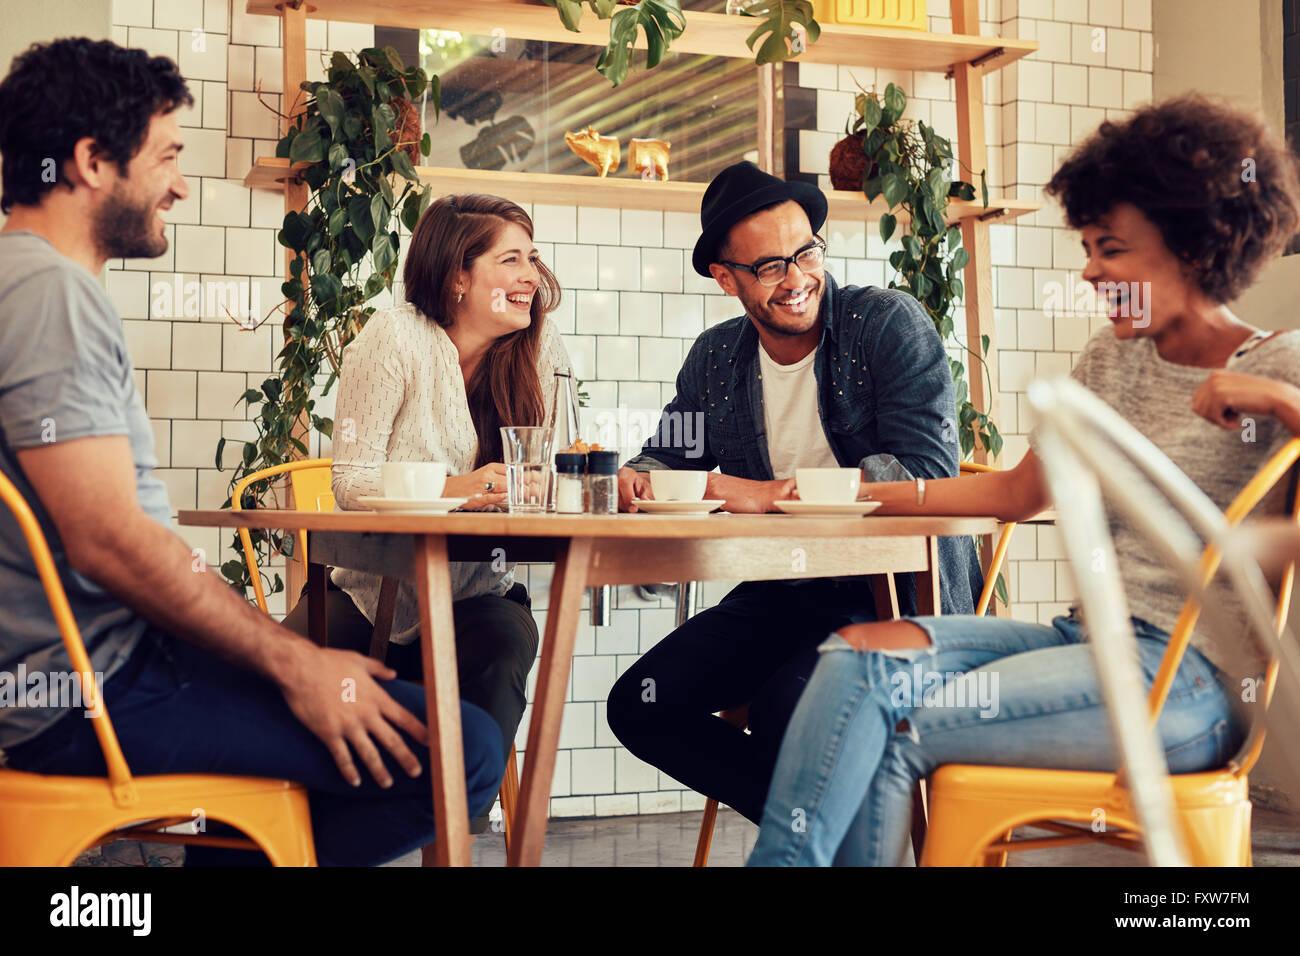 Junge Menschen, die eine tolle Zeit im Café. Freunde, lächelnd und in einem Café sitzen, Kaffee trinken Stockbild